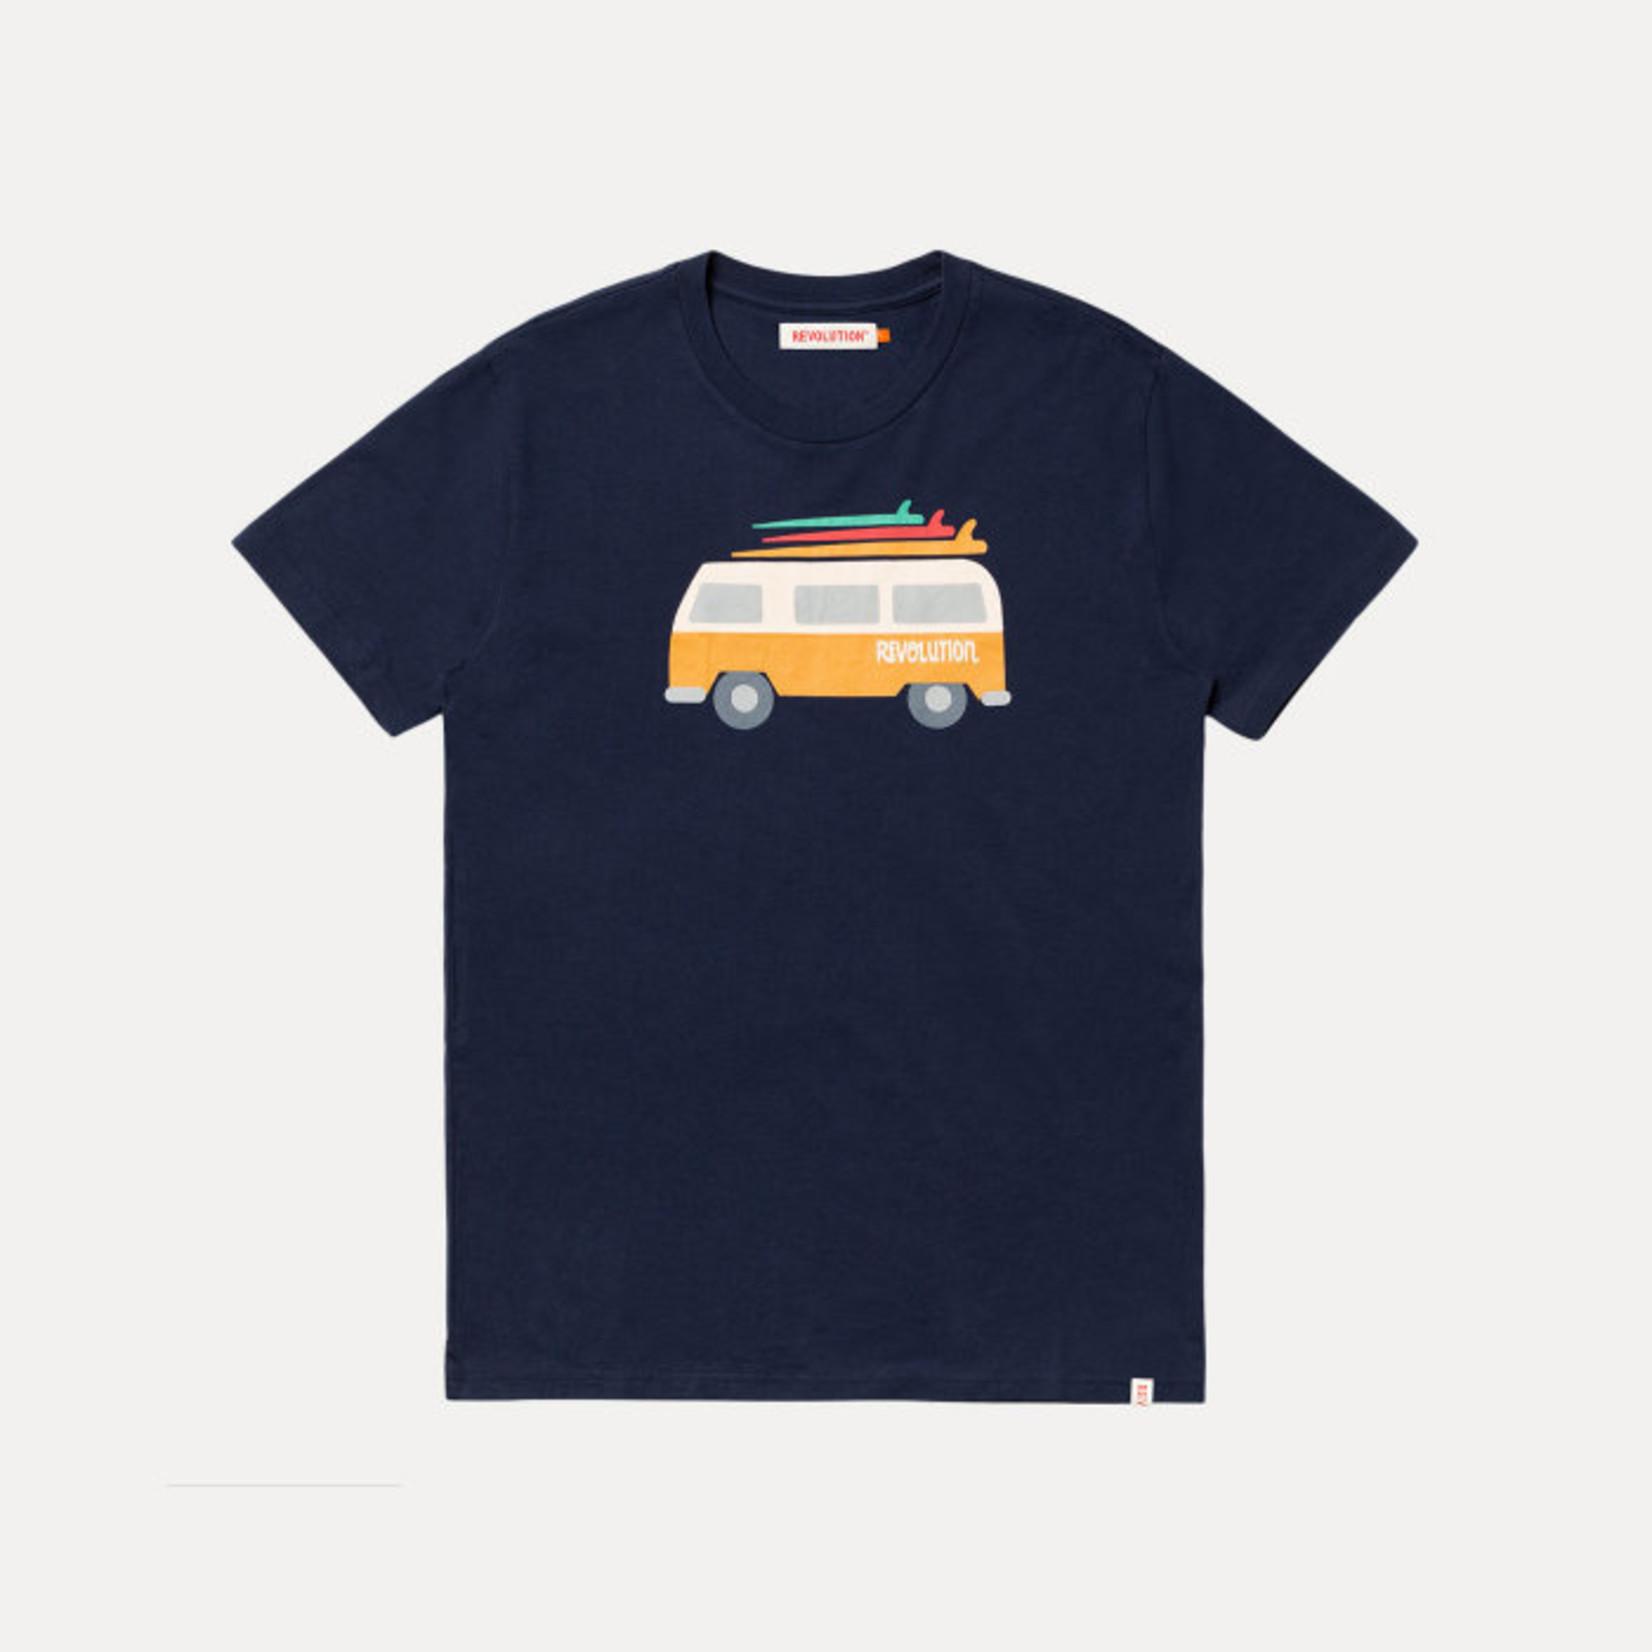 RVLT Revolution RVLT 1214 Navy Van Regular T-Shirt